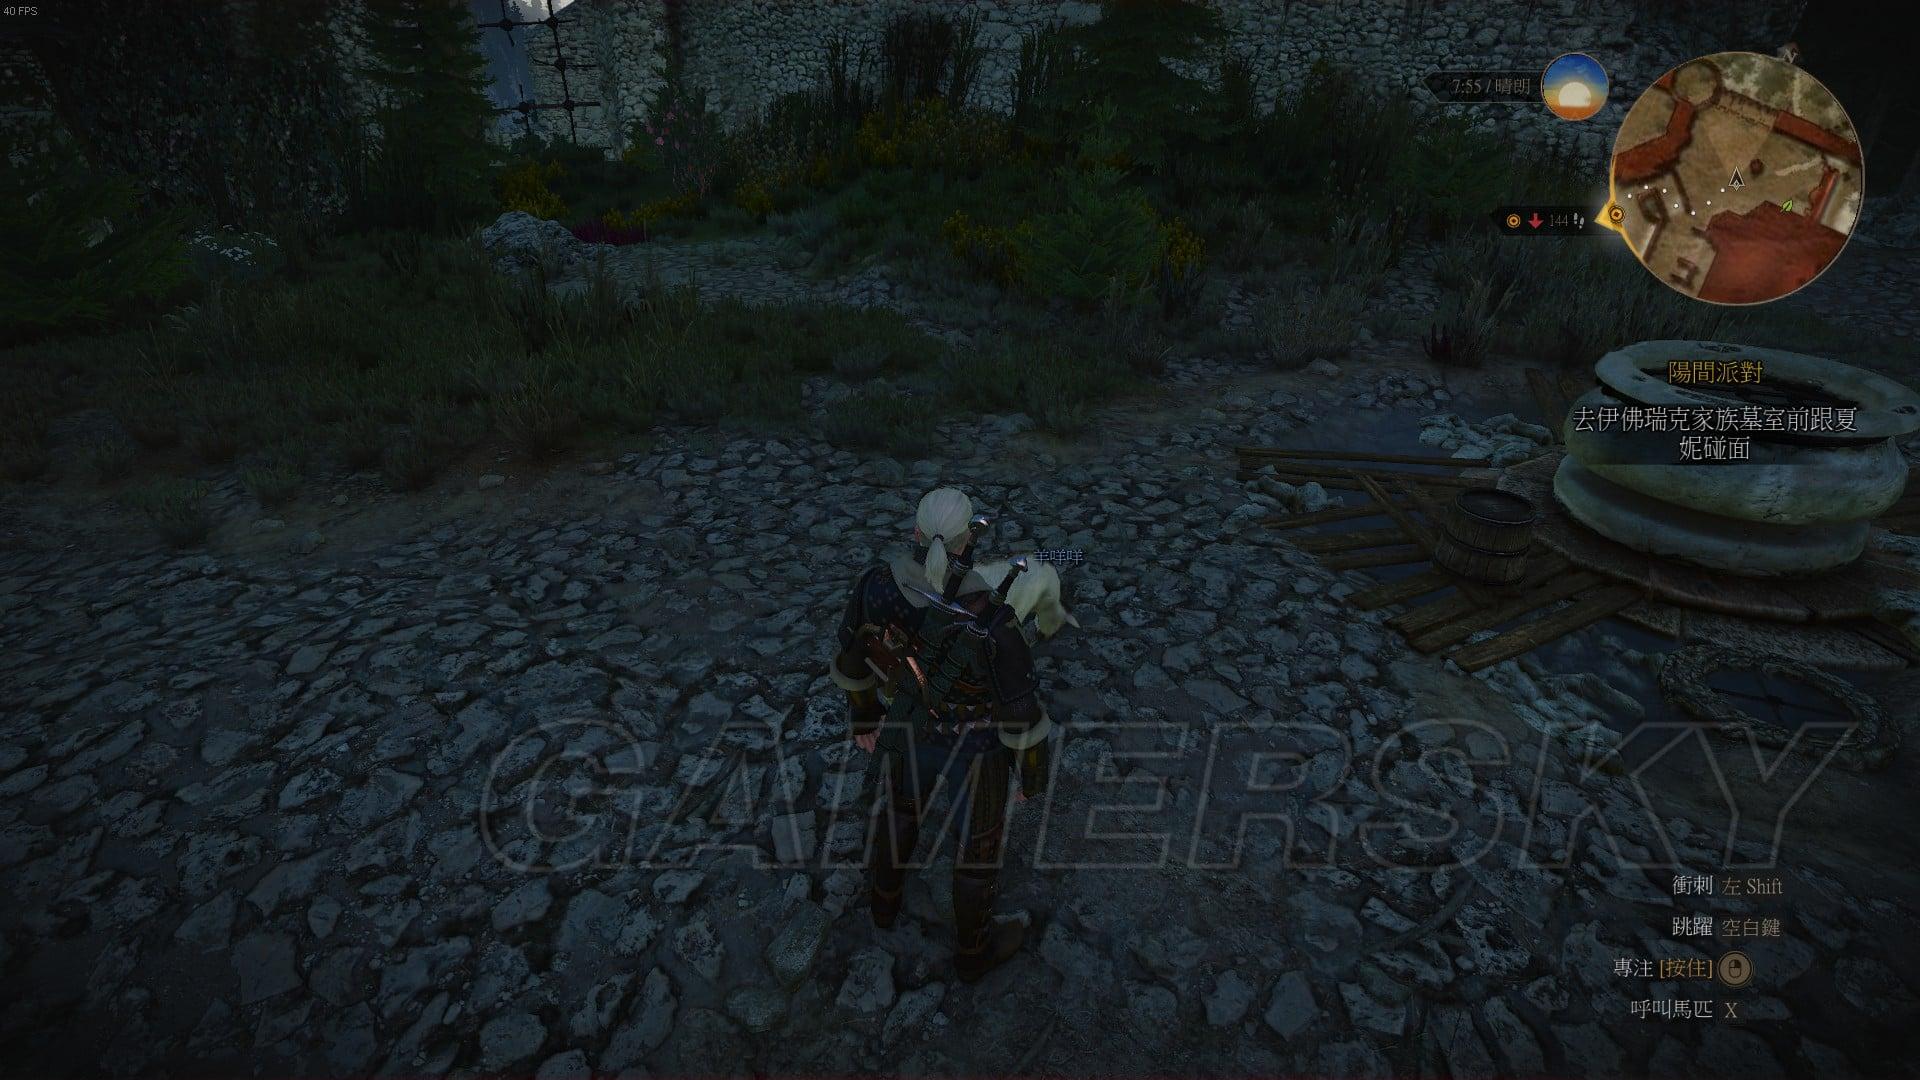 巫師3 triss的床和蘭伯特的牌等有趣細節分享